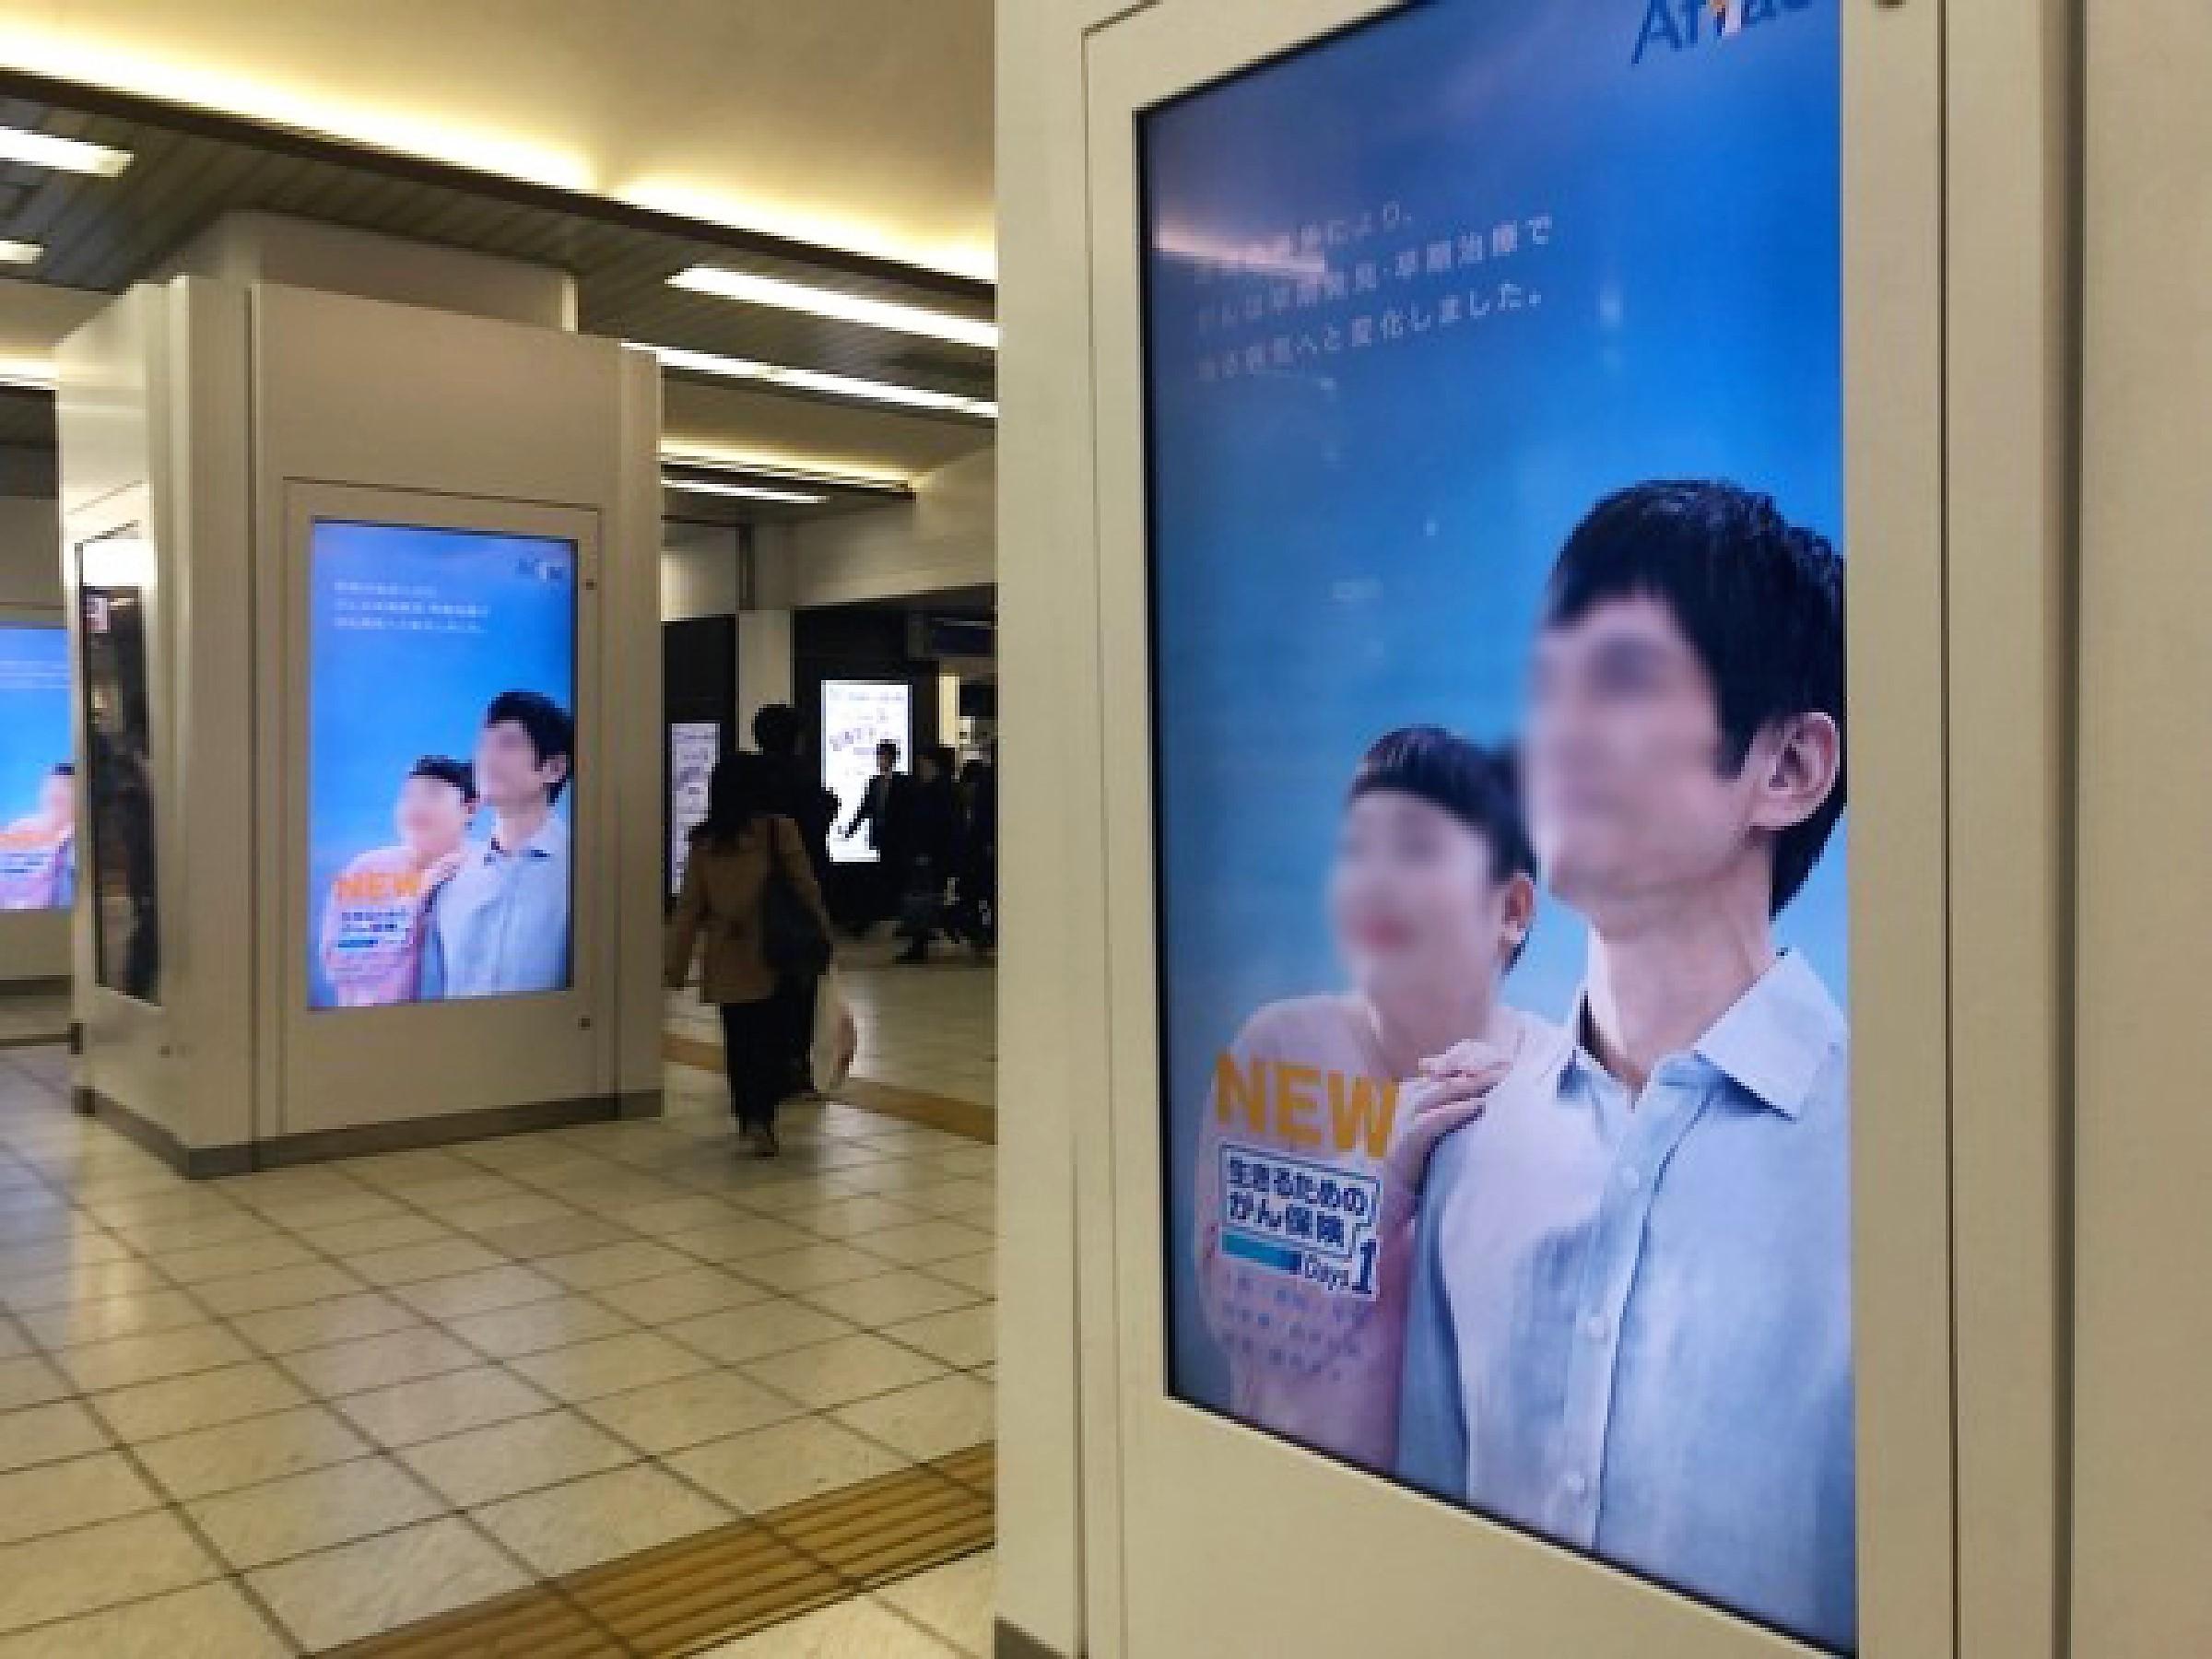 「街」のデジタルサイネージ(池袋編)02_池袋駅構内、柱巻きB